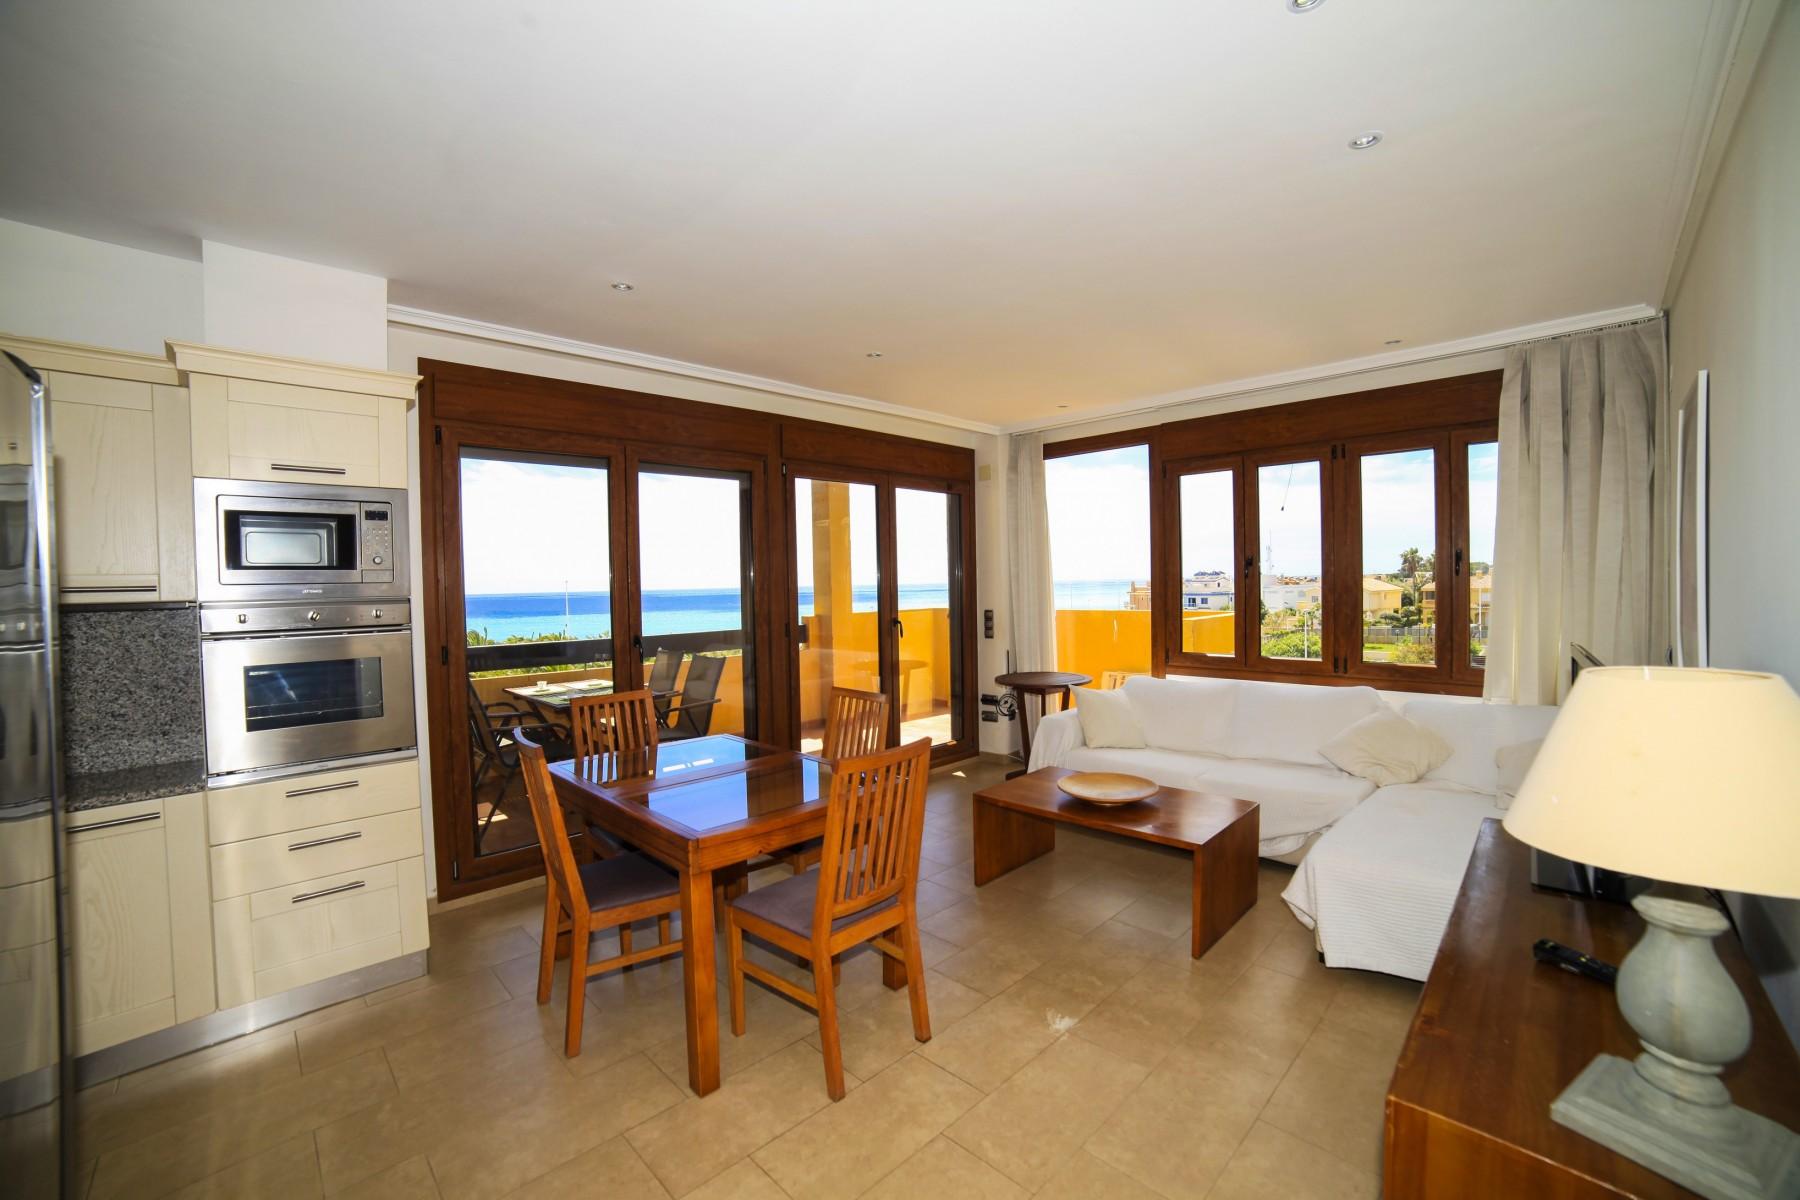 Apartamentos en alcoceber alcossebre alc beach resort e 1 8 - Apartamentos en alcocebre ...